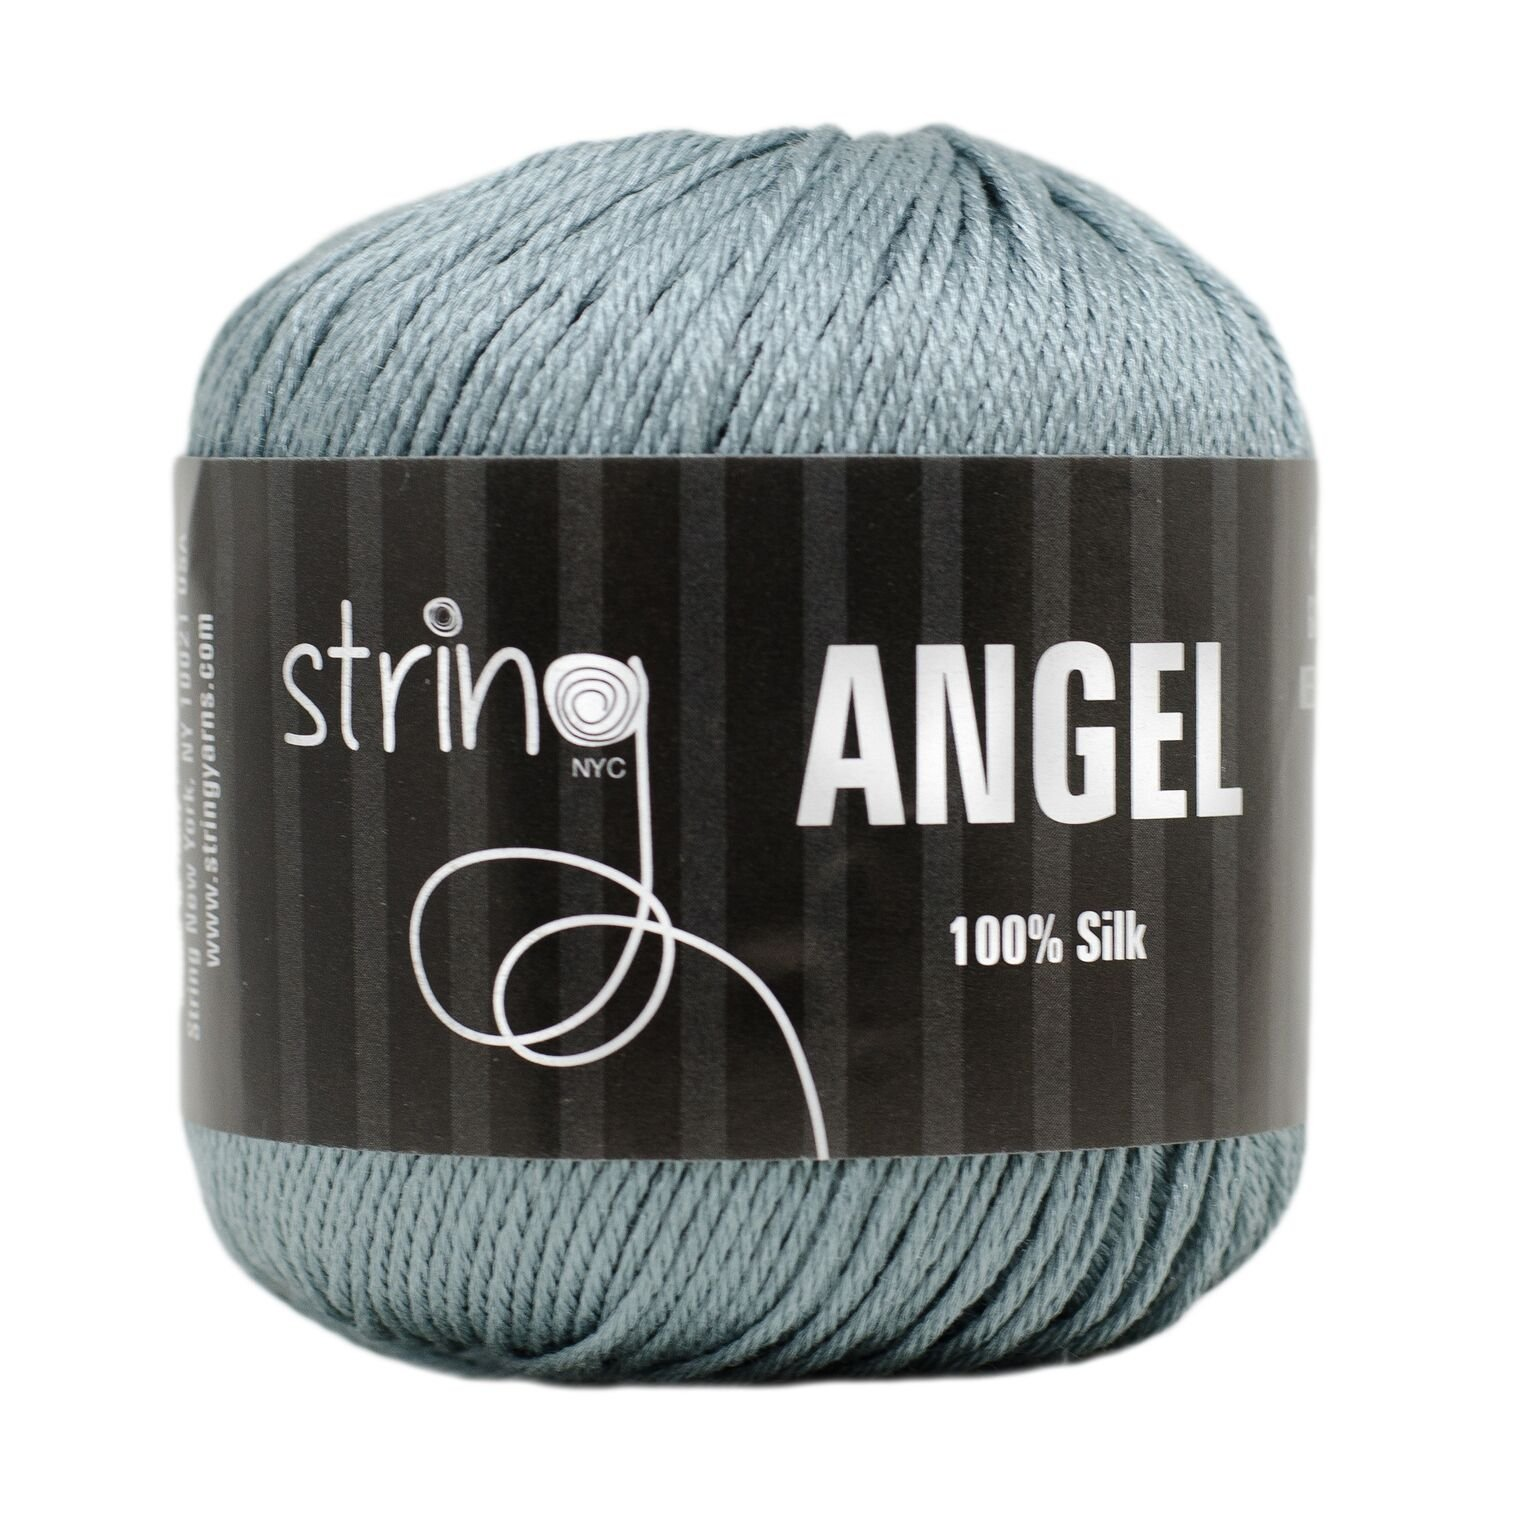 Angel (String)